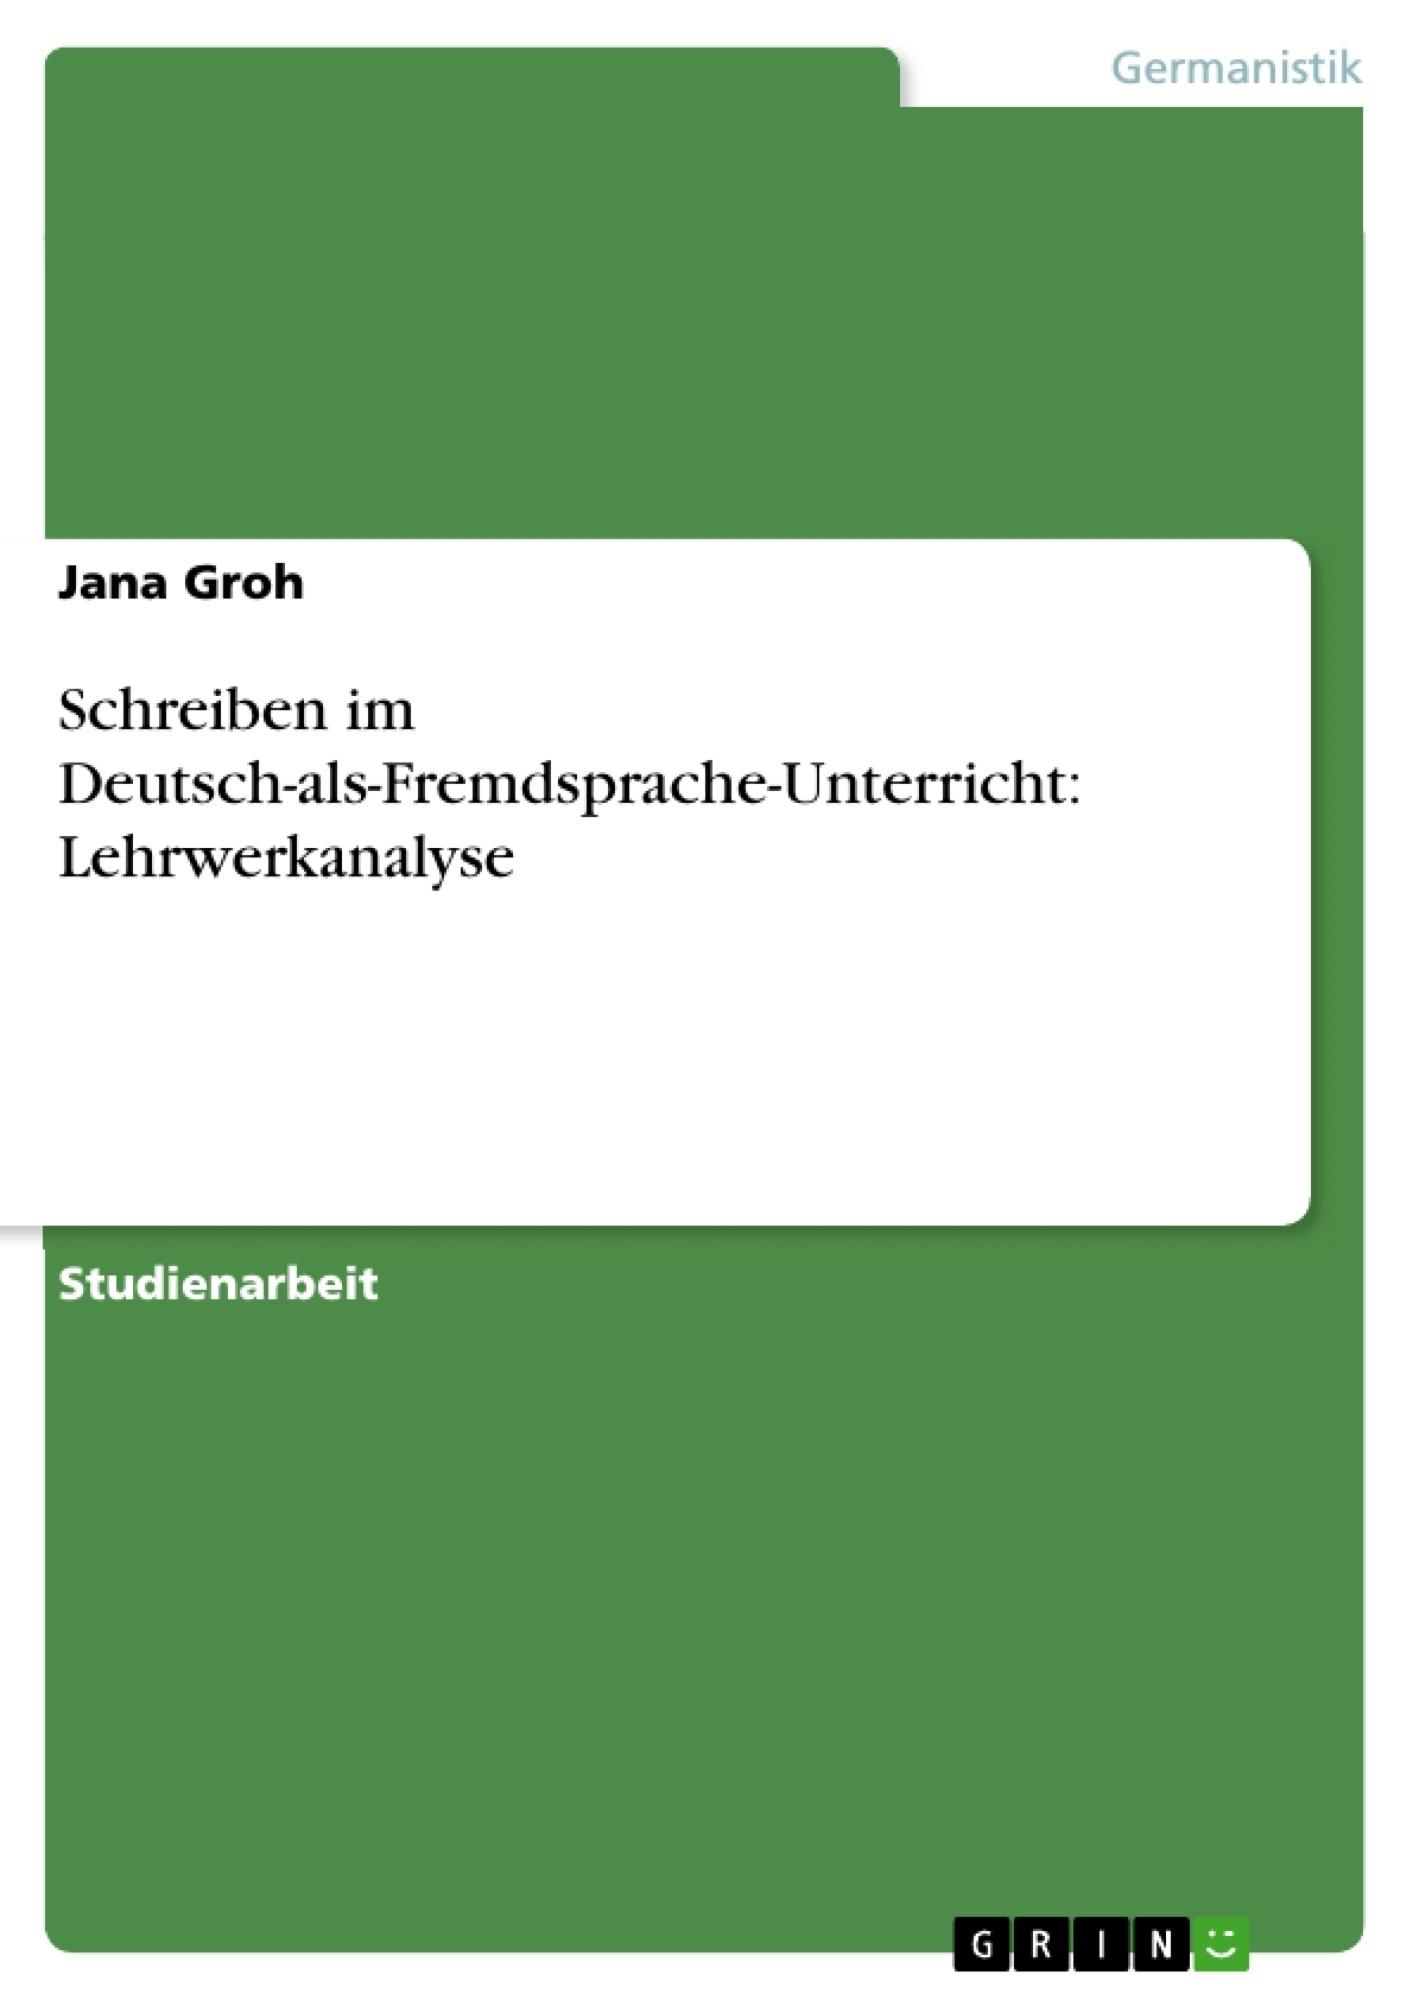 Titel: Schreiben im Deutsch-als-Fremdsprache-Unterricht: Lehrwerkanalyse